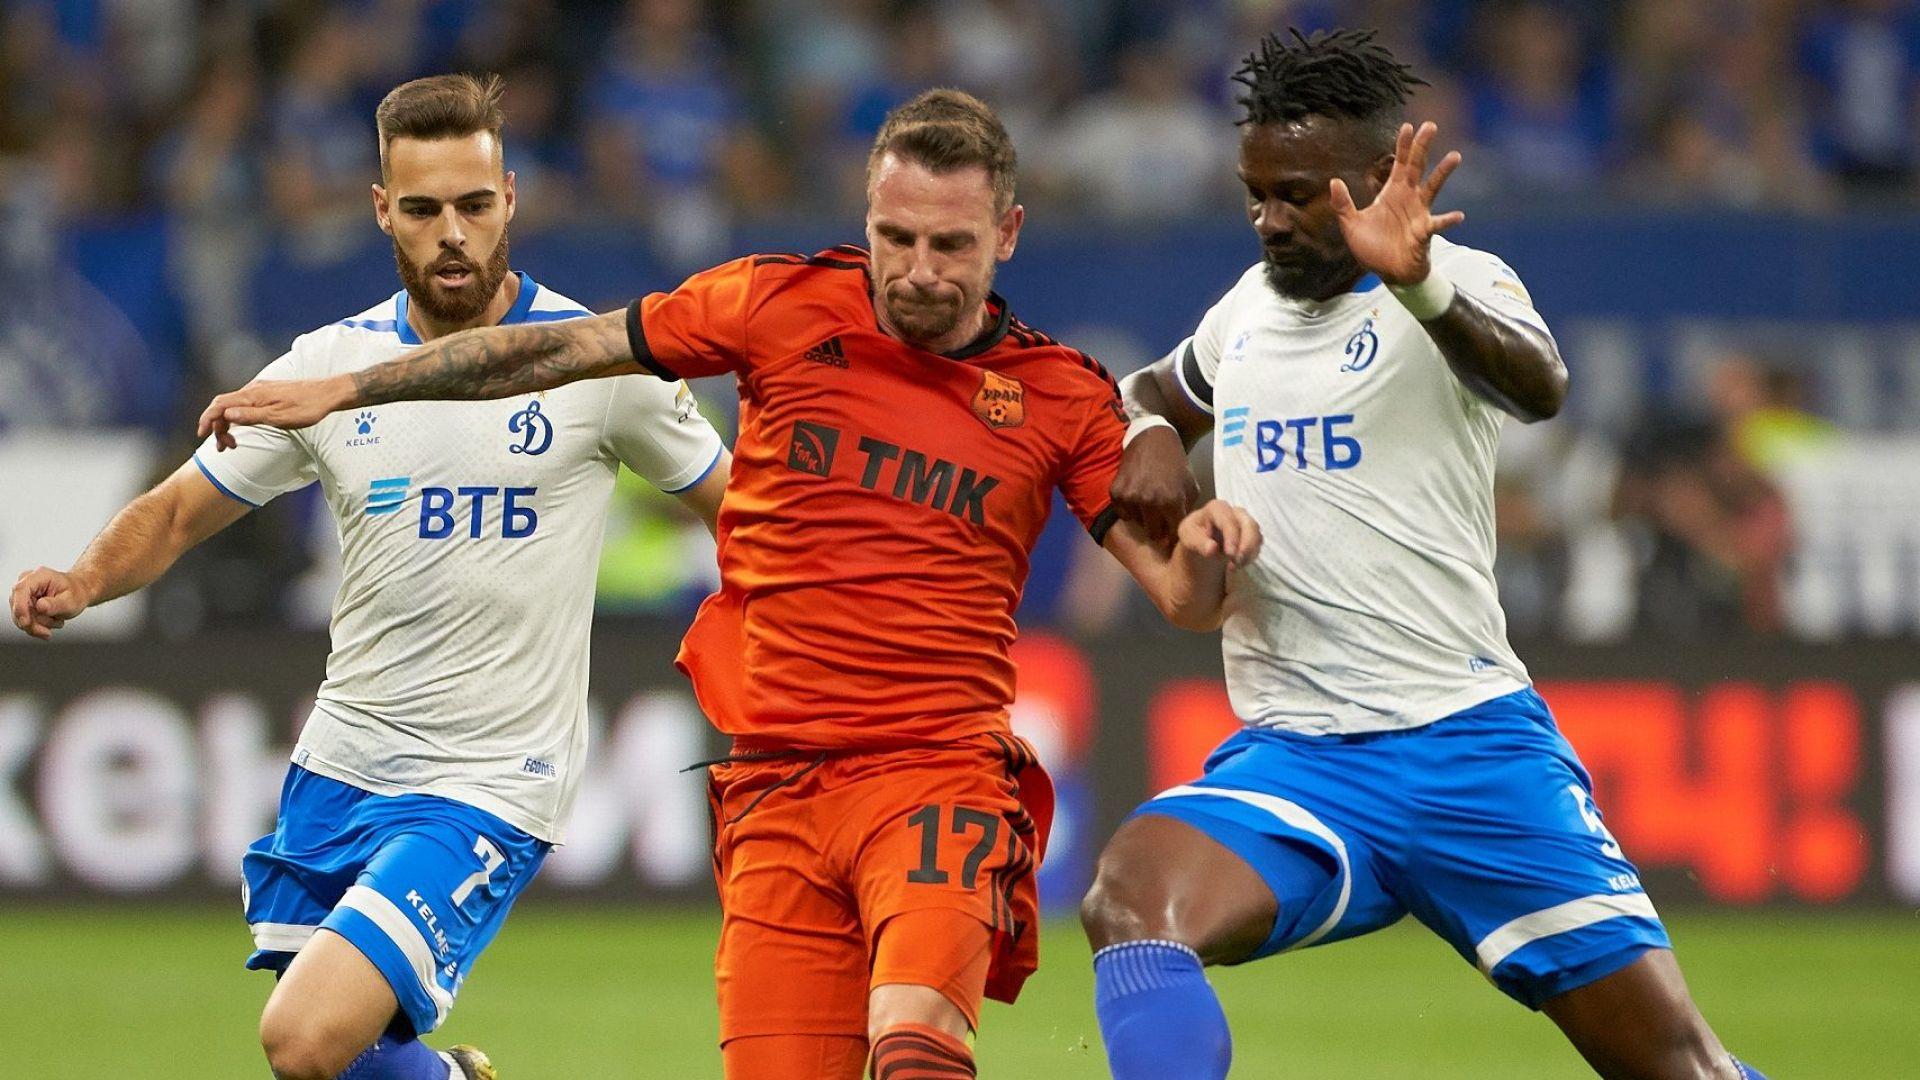 Националът Николай Димитров блести при успех на Урал в Русия